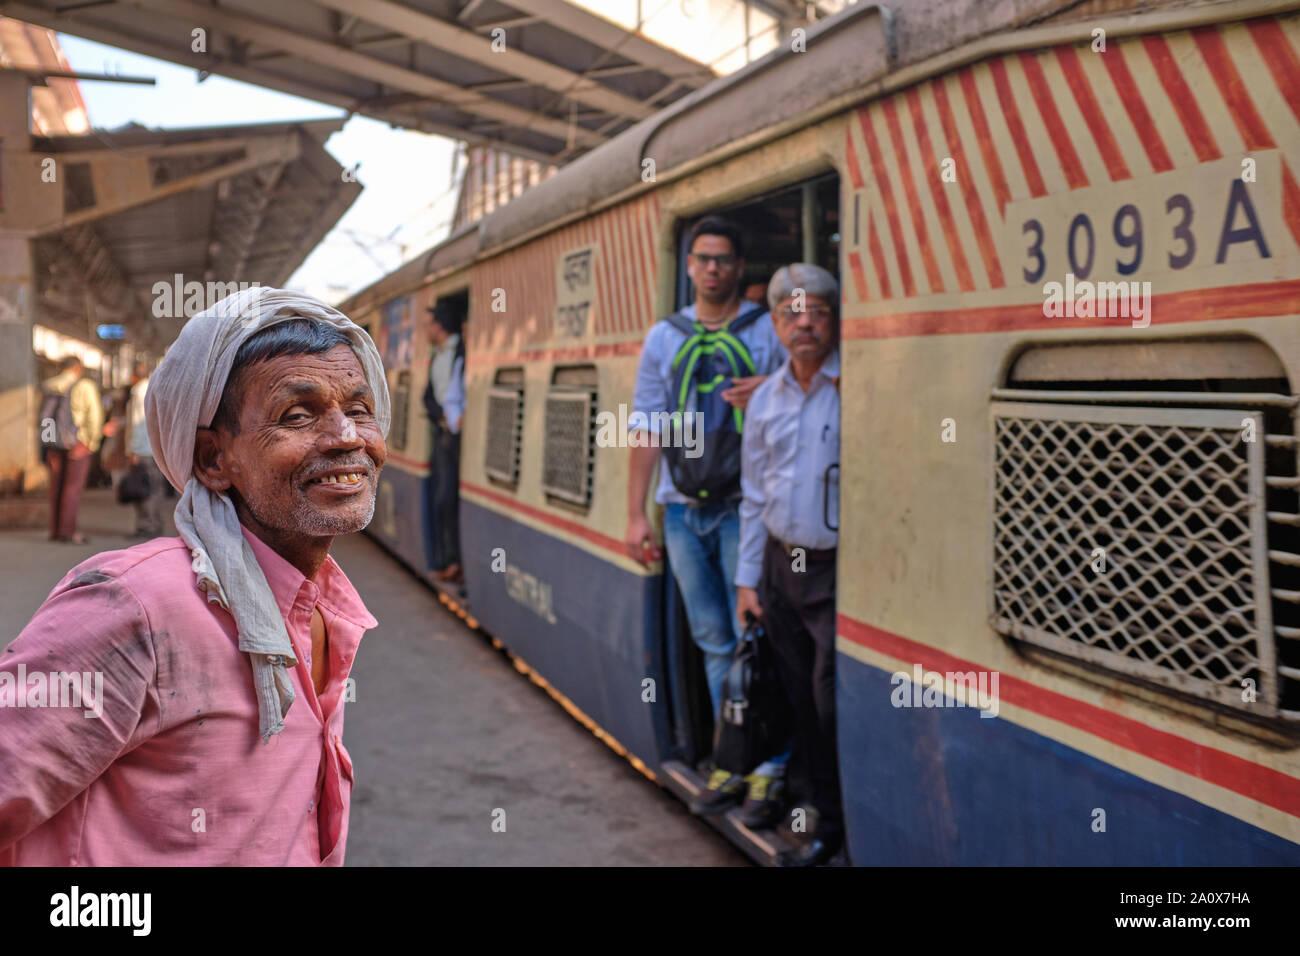 Ein glückliches Boten in Chhatrapati Shivaji Maharaj Terminus (Csmt) in Mumbai, Indien, warten auf einen ankommenden Zug, seine Güter Stockfoto